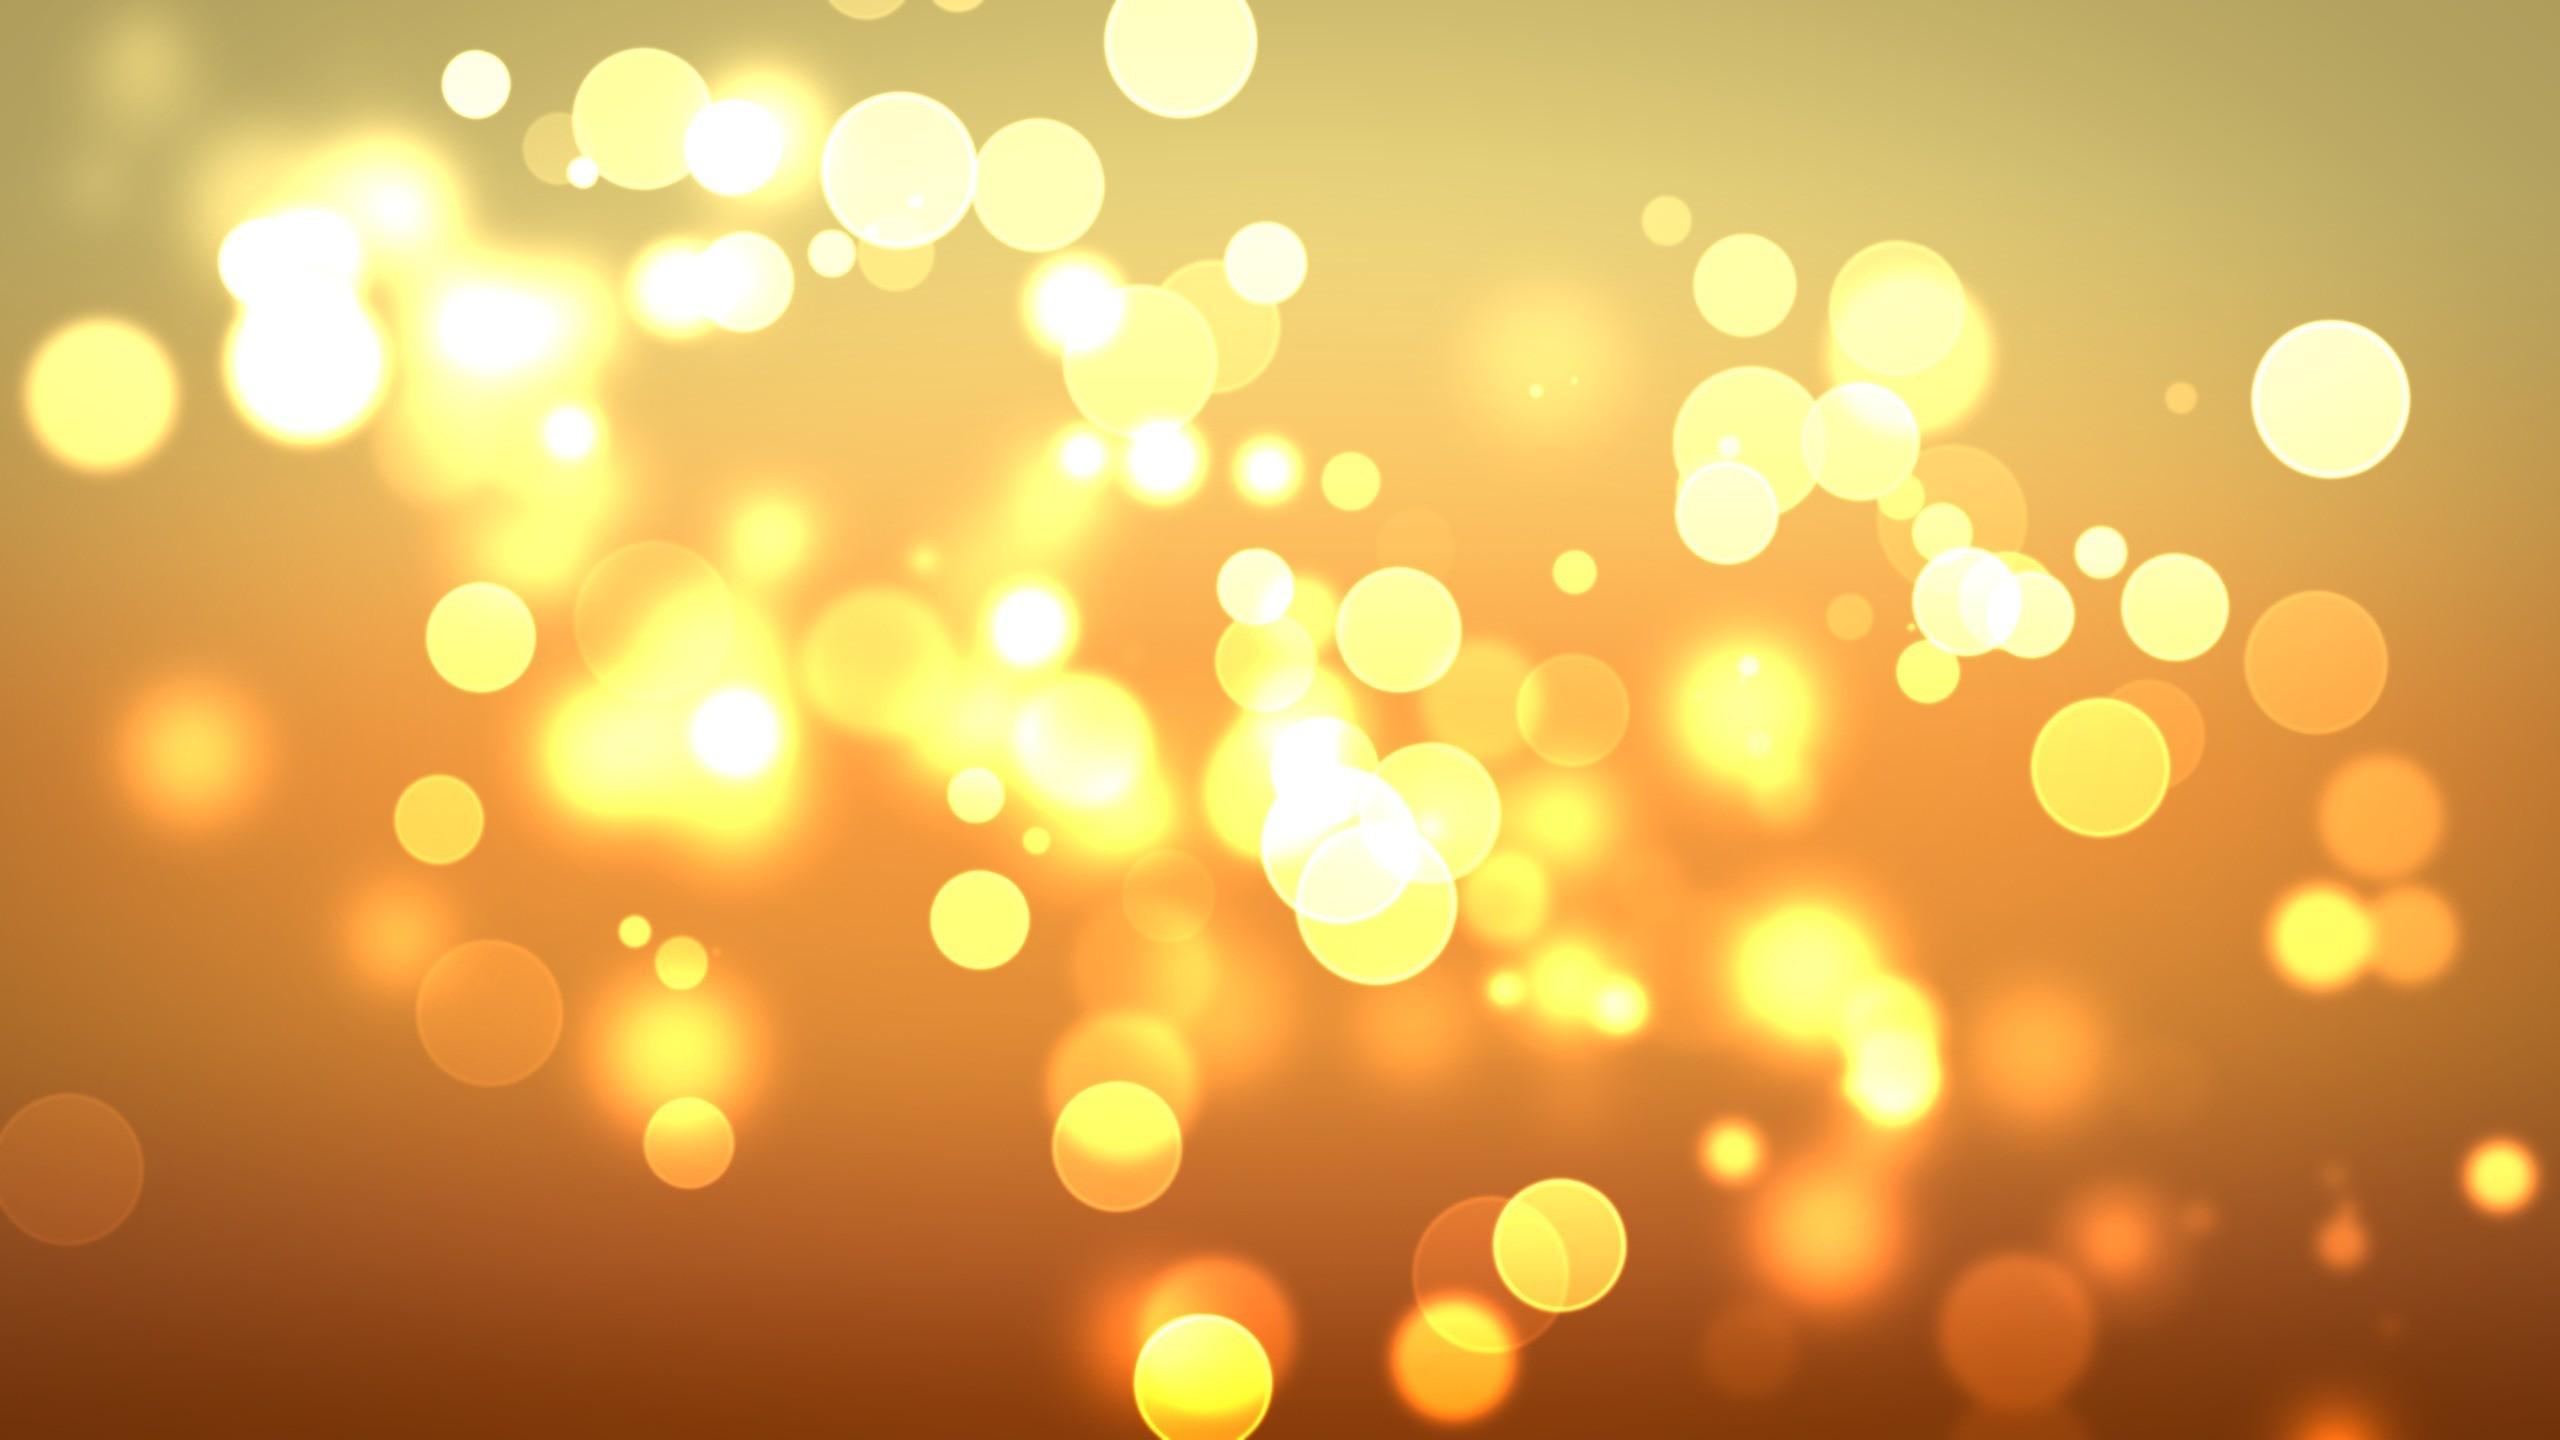 light_texture2320.jpg 2,560×1,440 pixels   Illuminate   Pinterest   Light  texture, Lights and Wallpaper